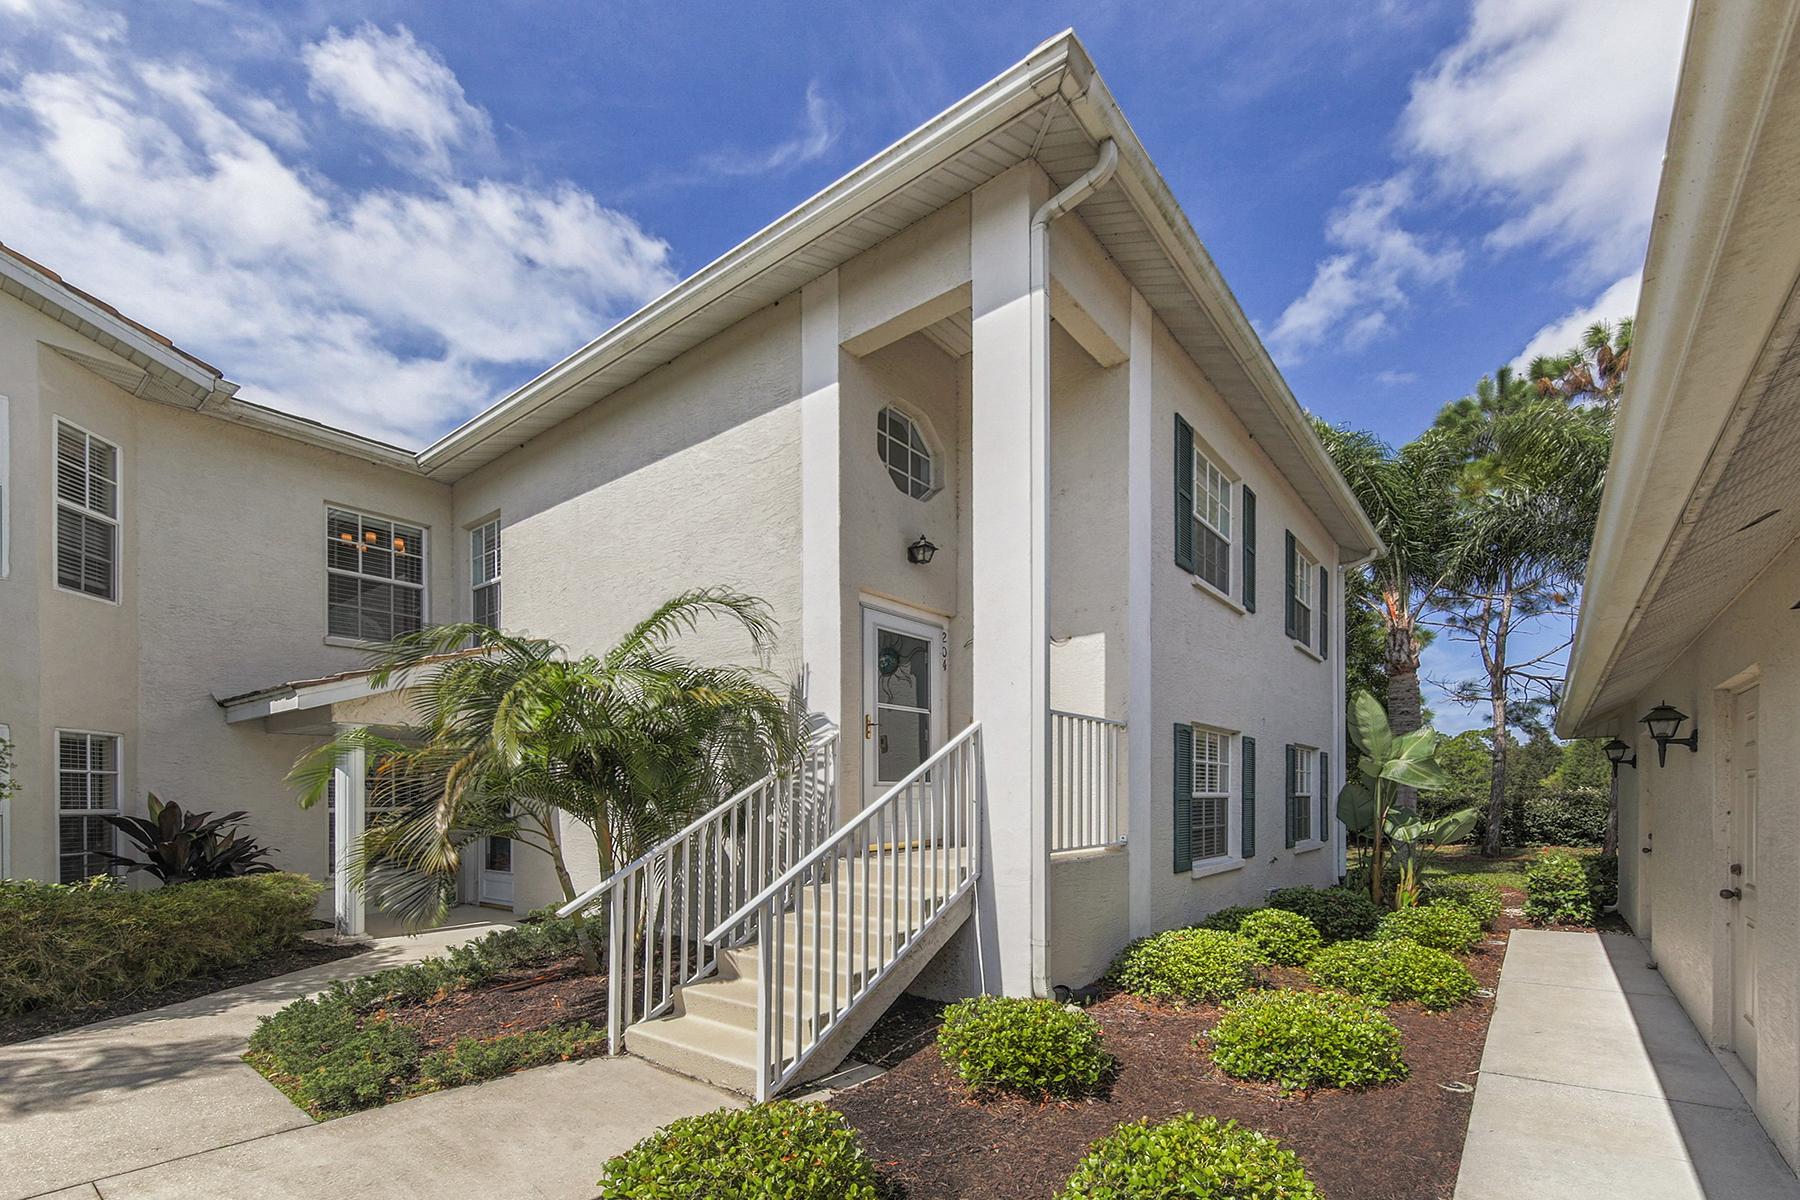 Eigentumswohnung für Verkauf beim WEST LAKE GARDENS AT PLANTATION 901 Addington Ct 204 Venice, Florida, 34293 Vereinigte Staaten